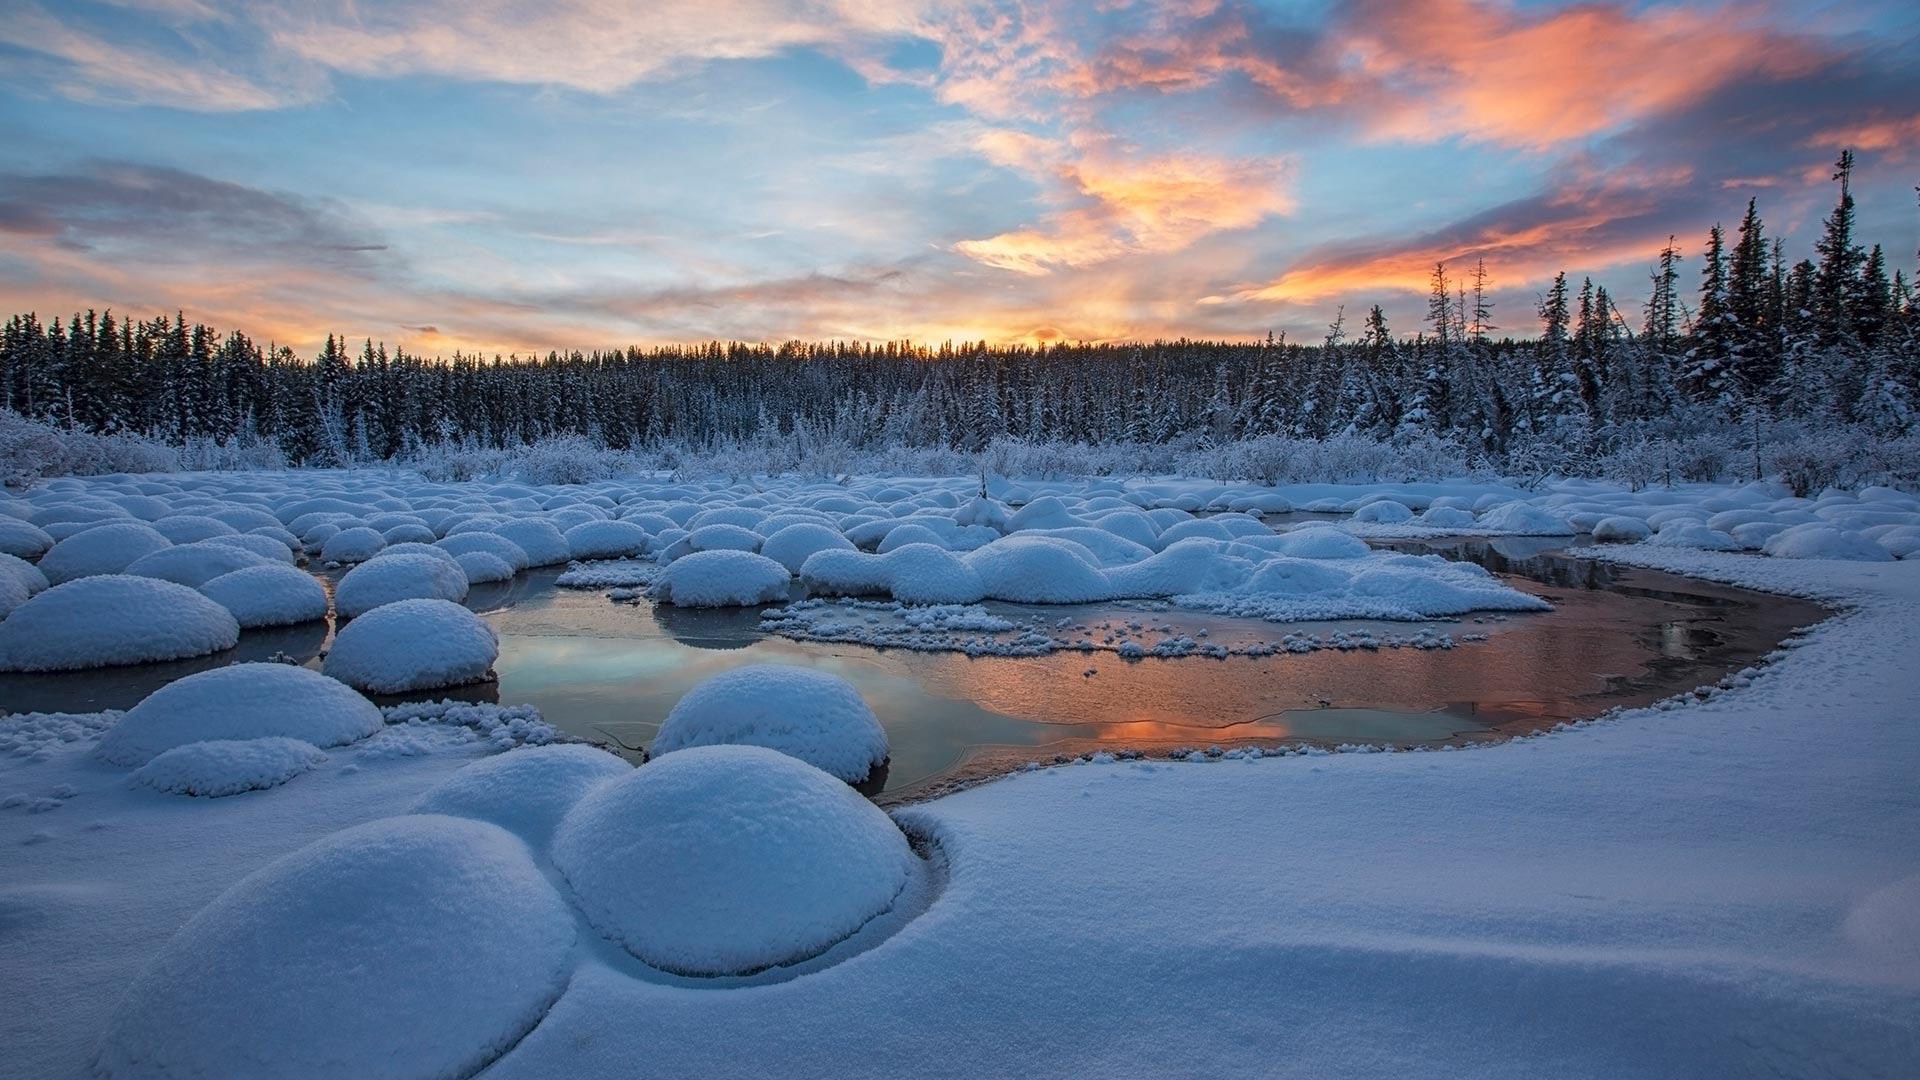 风景大片,冰天雪地,晚霞,河流,大学,树林,晚霞